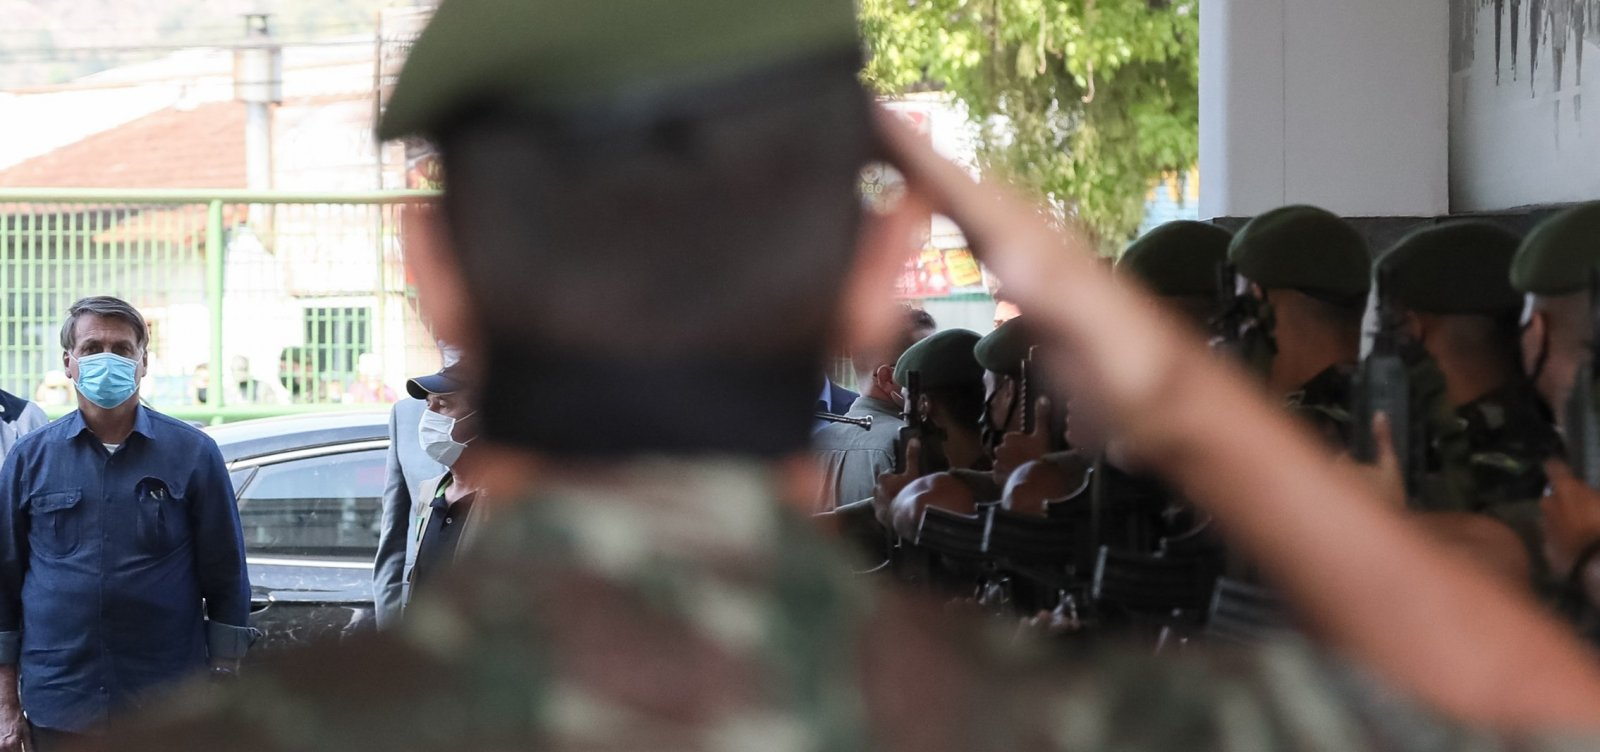 'Forças Armadas jamais aceitariam convite contra a liberdade', diz Bolsonaro